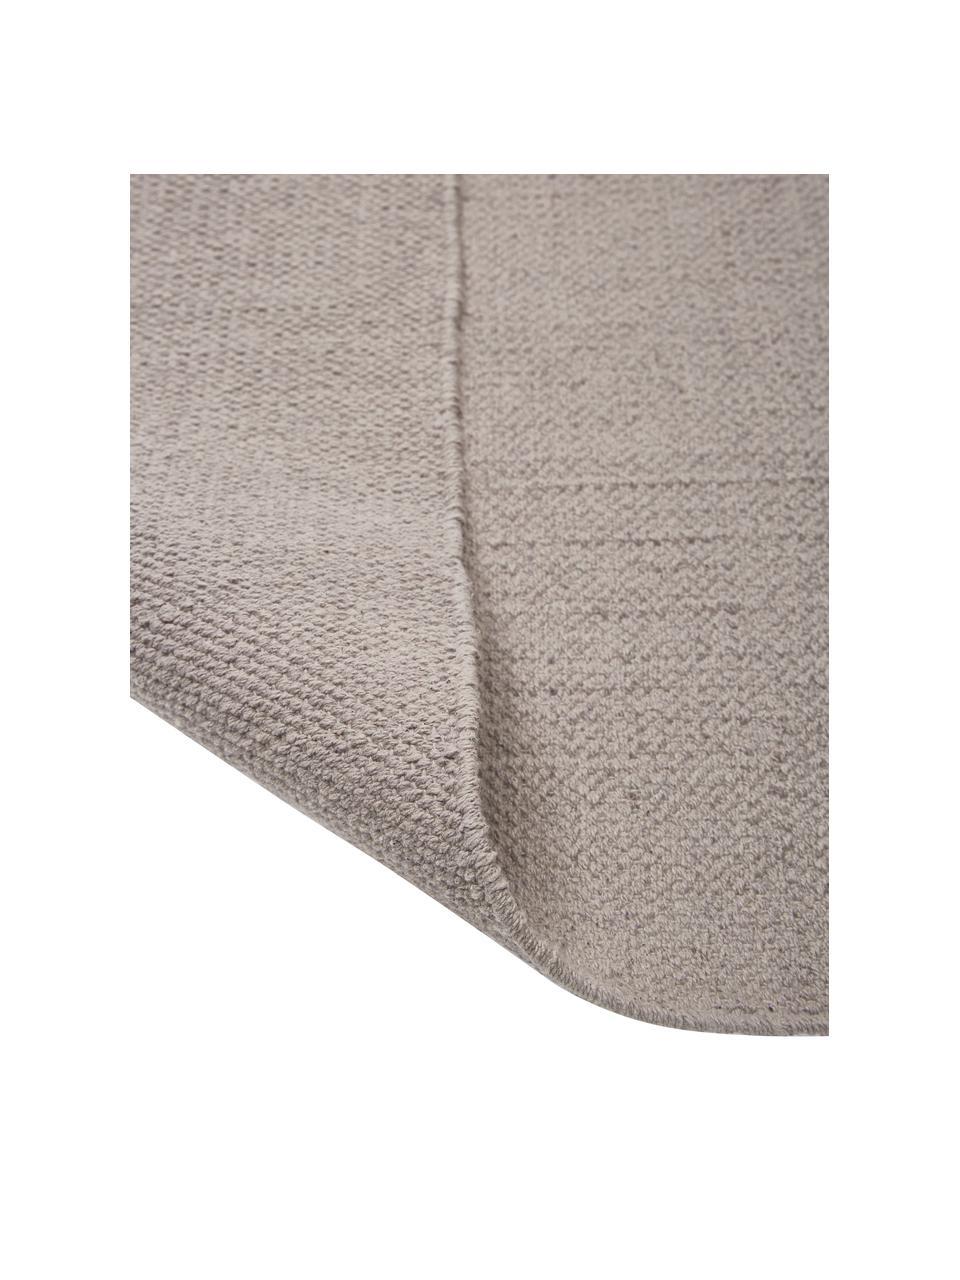 Tenký bavlněný koberec Agneta, ručně tkaný, Šedá